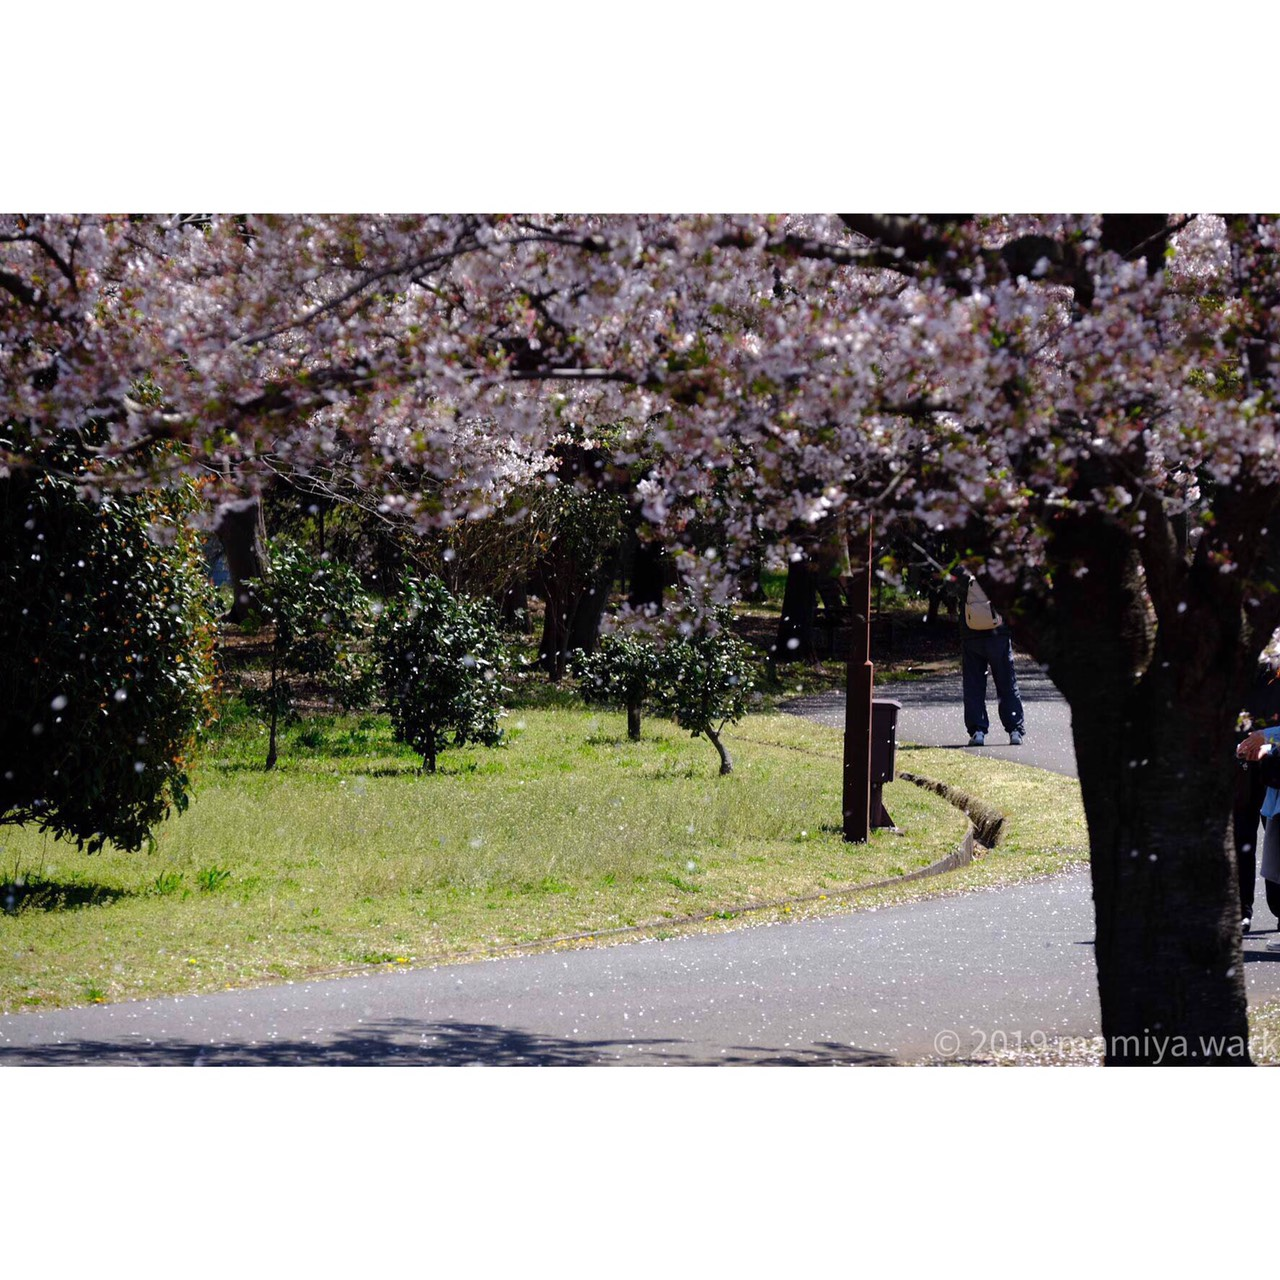 散りゆく桜